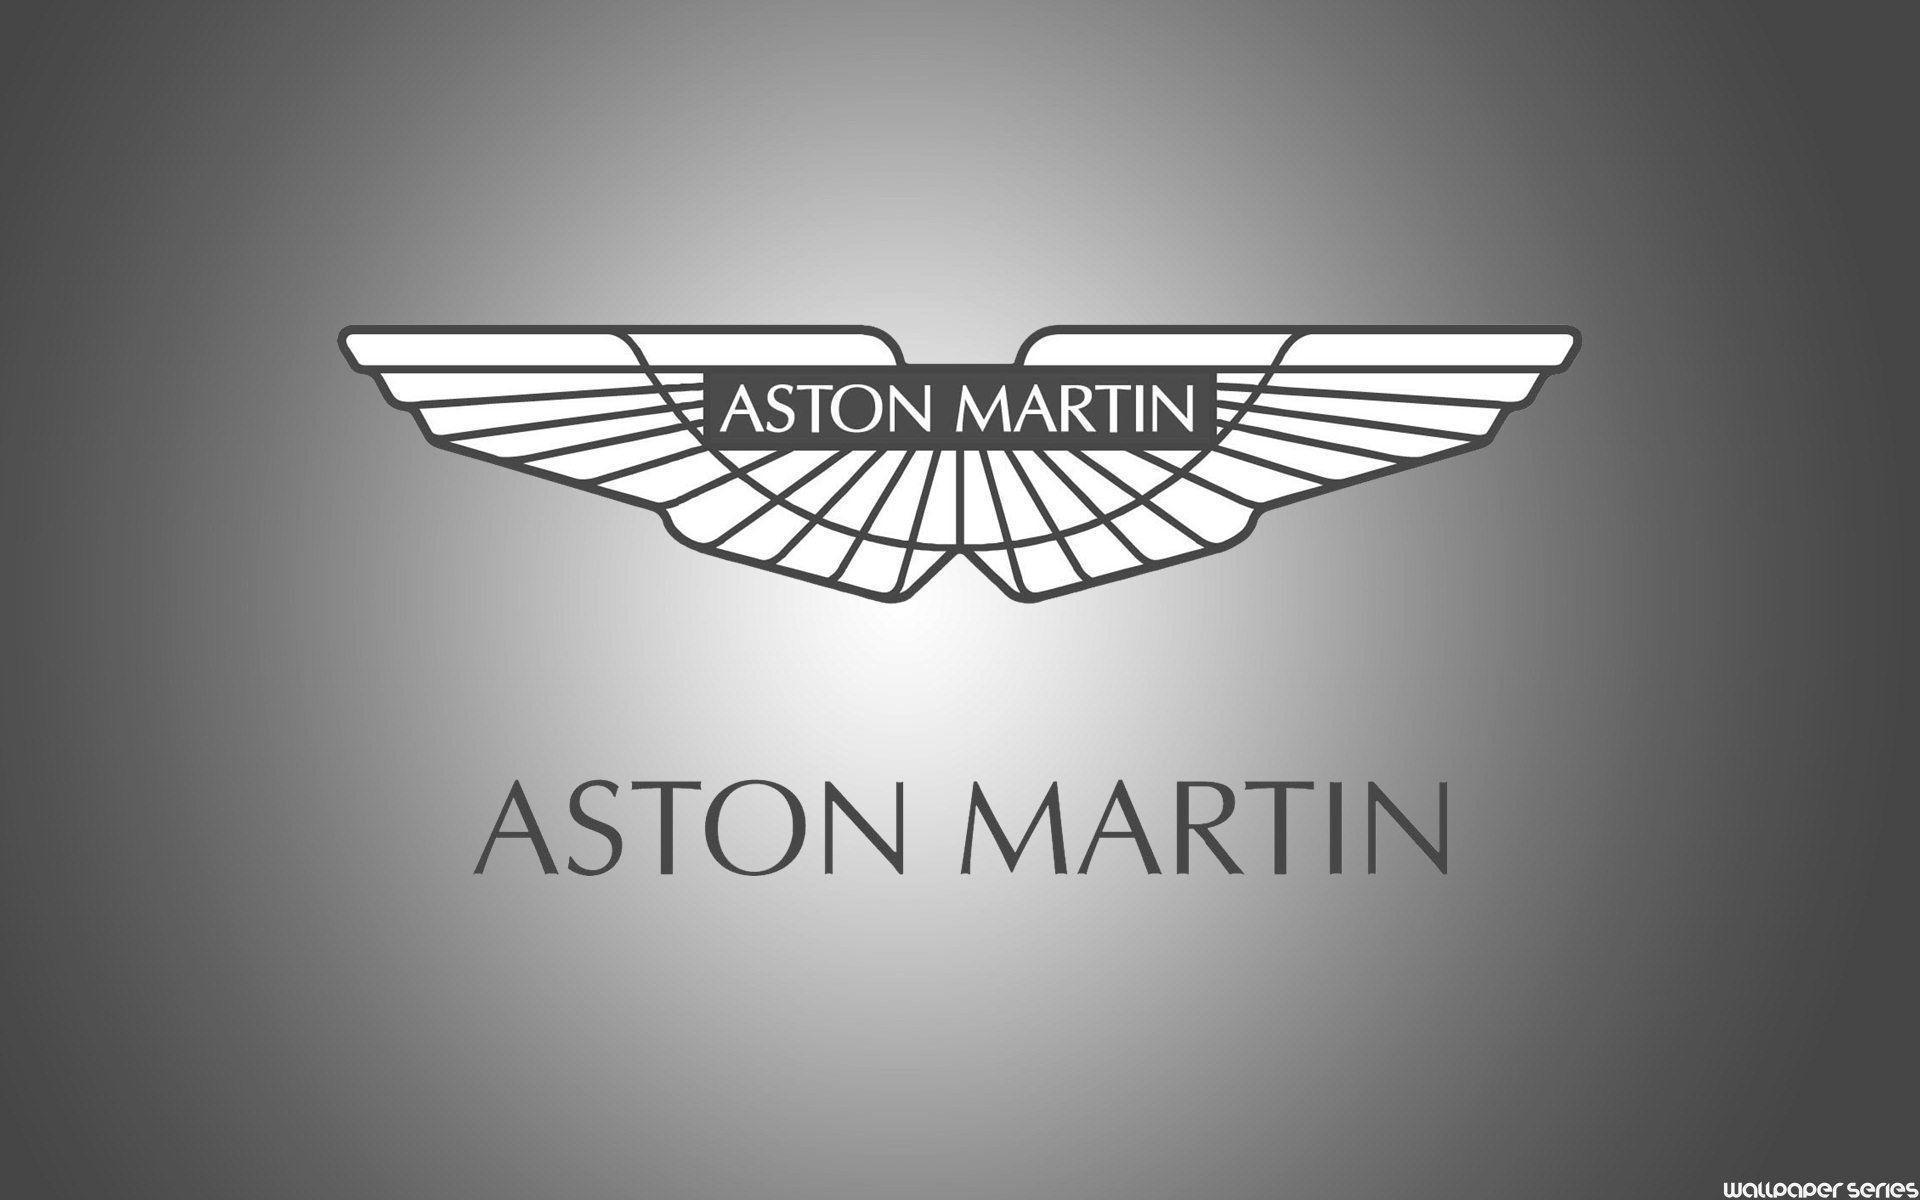 Aston Martin Logo Wallpapers Wallpaper Cave - Aston martin logo